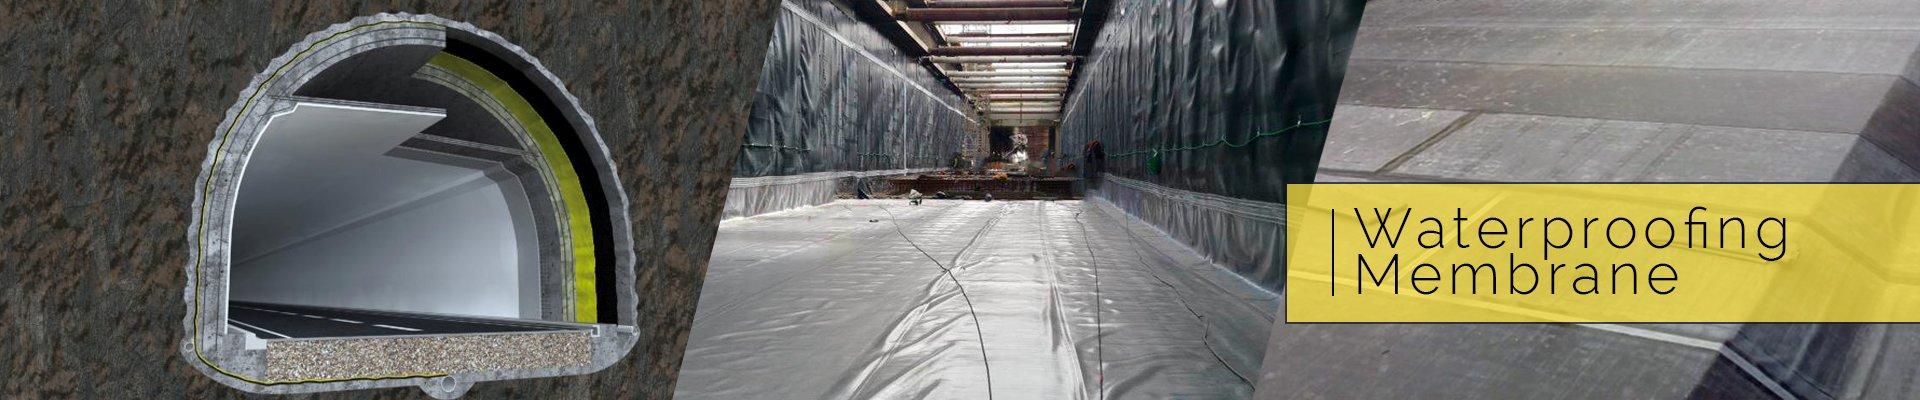 gbgtr-waterproofing-membrane2